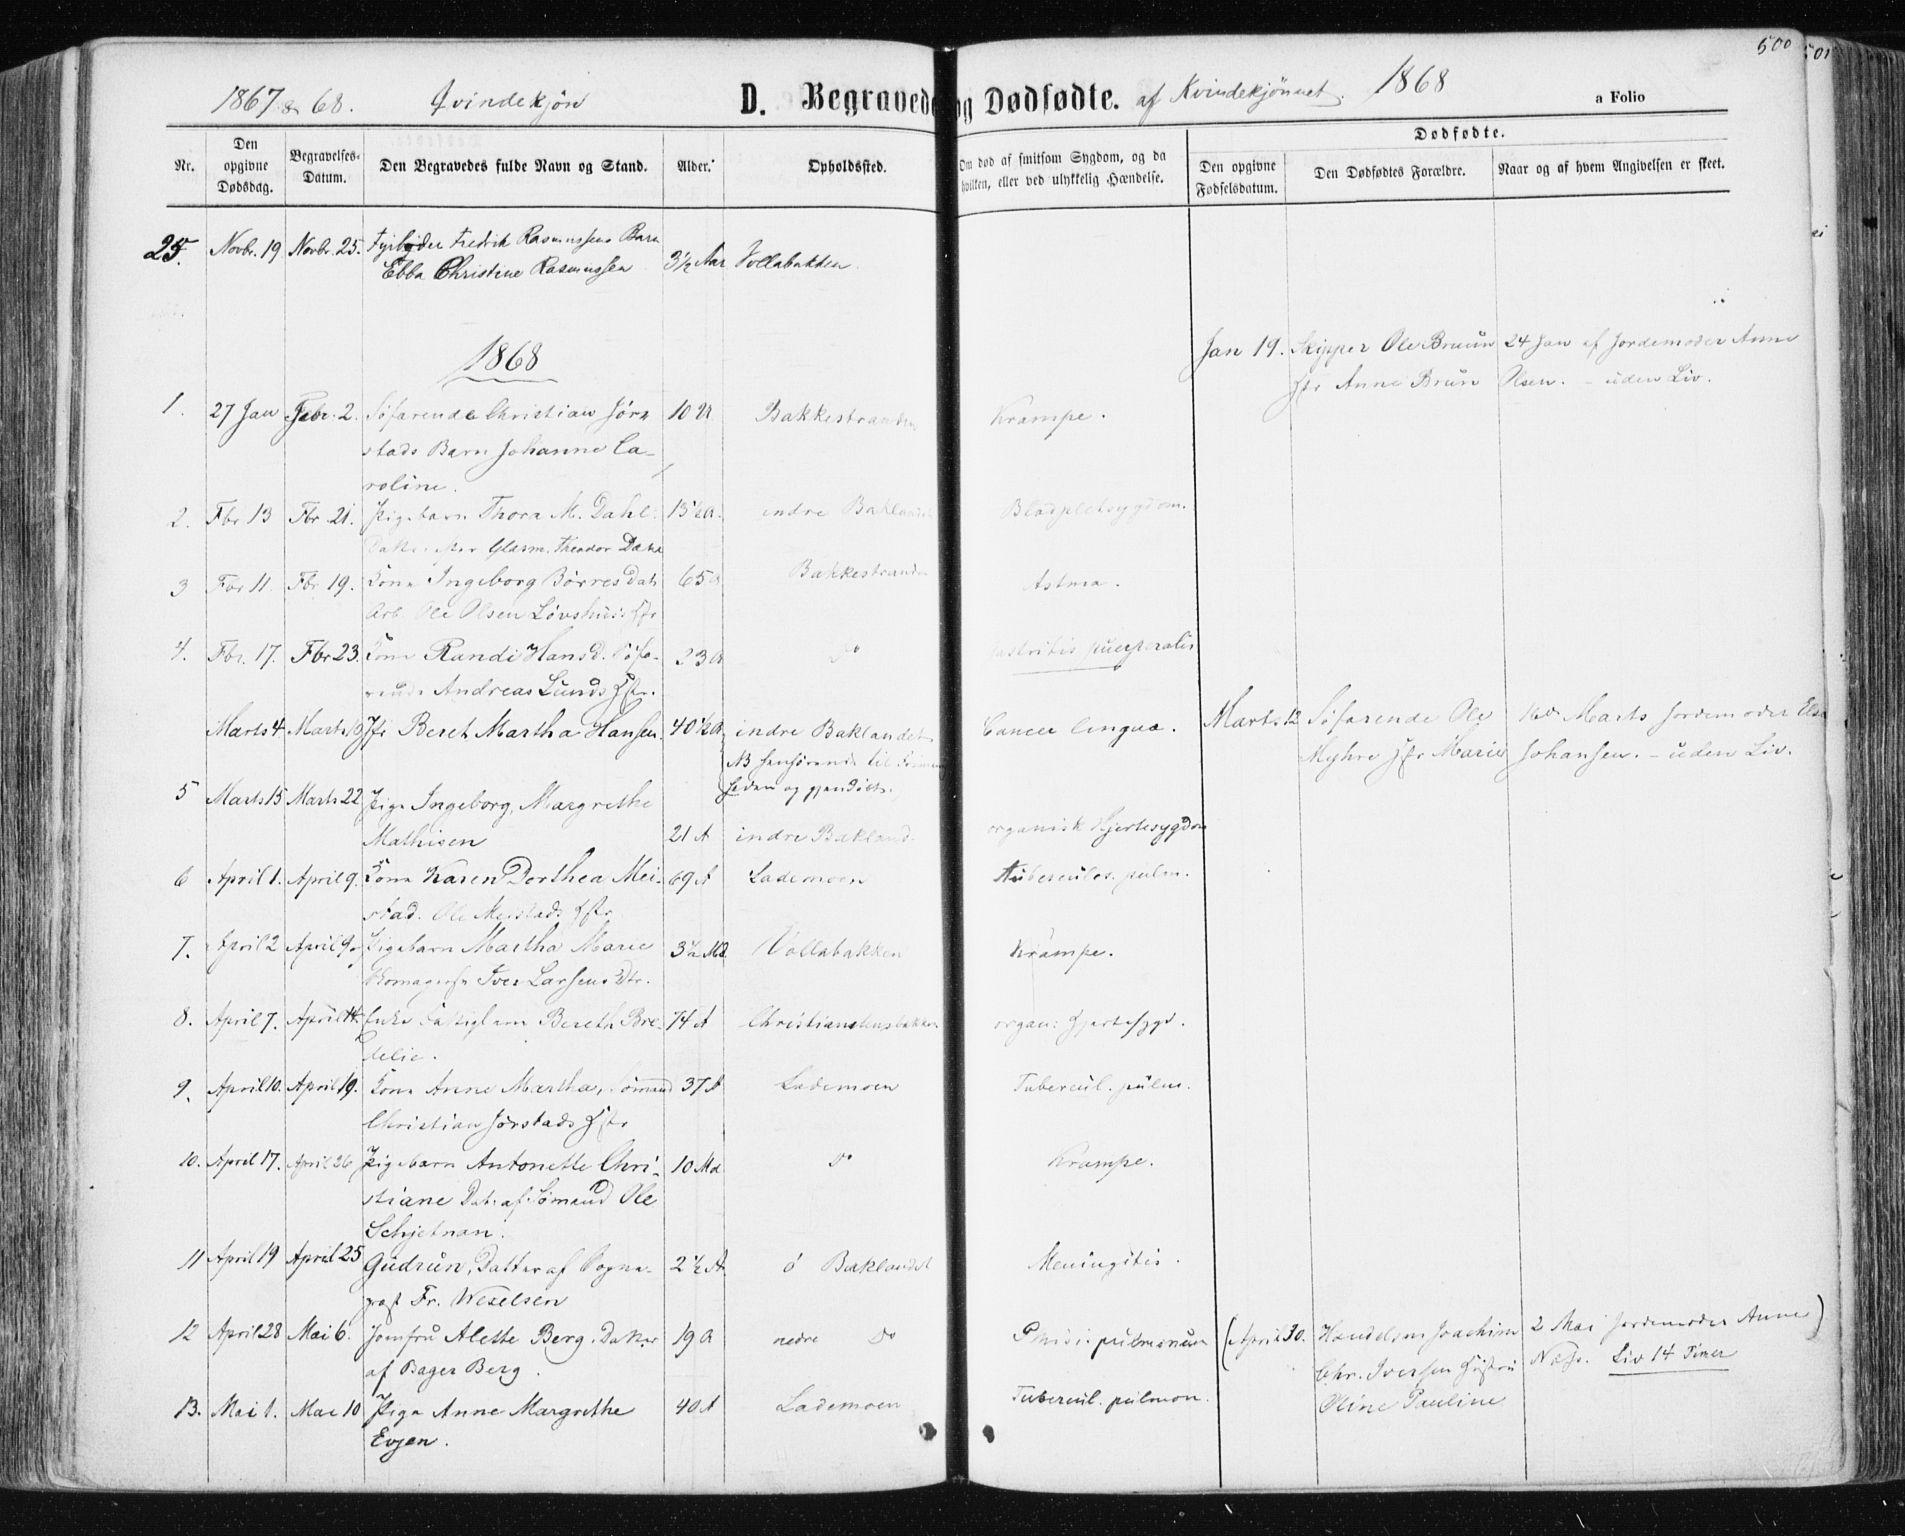 SAT, Ministerialprotokoller, klokkerbøker og fødselsregistre - Sør-Trøndelag, 604/L0186: Ministerialbok nr. 604A07, 1866-1877, s. 500